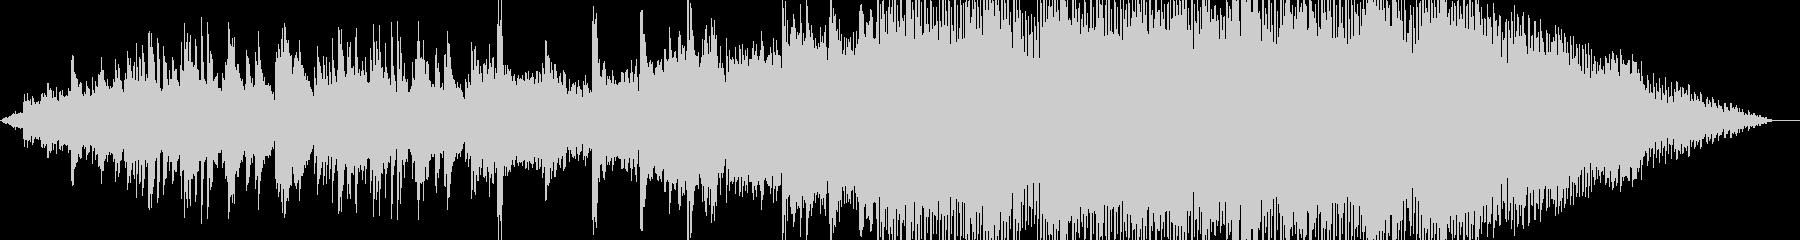 ピアノの切ない旋律が印象的なピアノハウスの未再生の波形